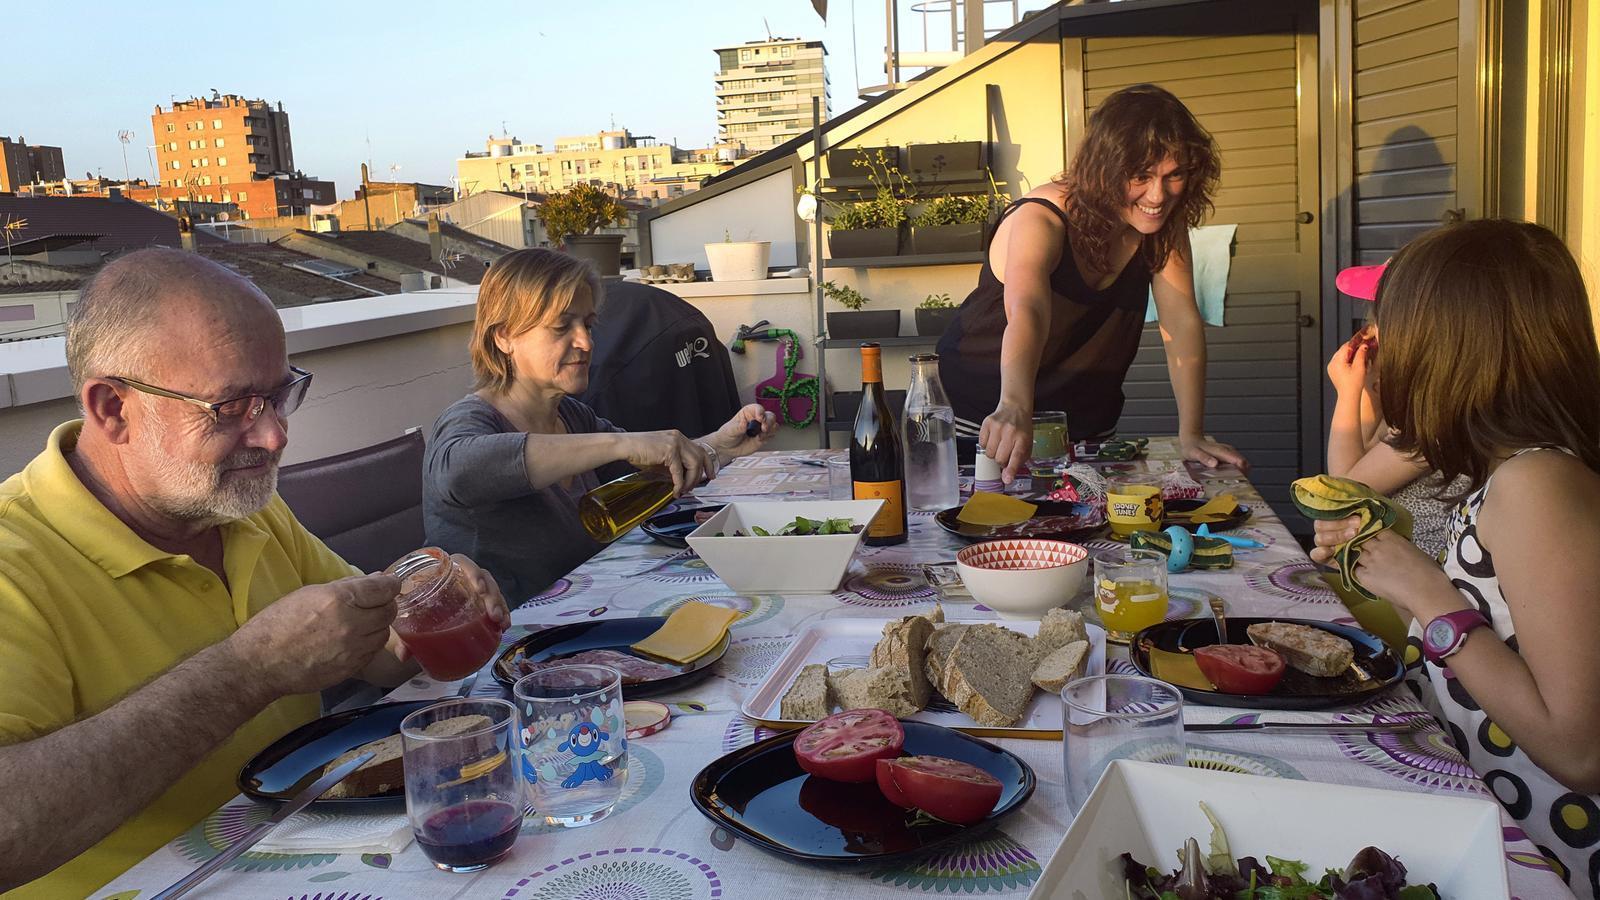 Avis i nets fent sobretaula en un balcó